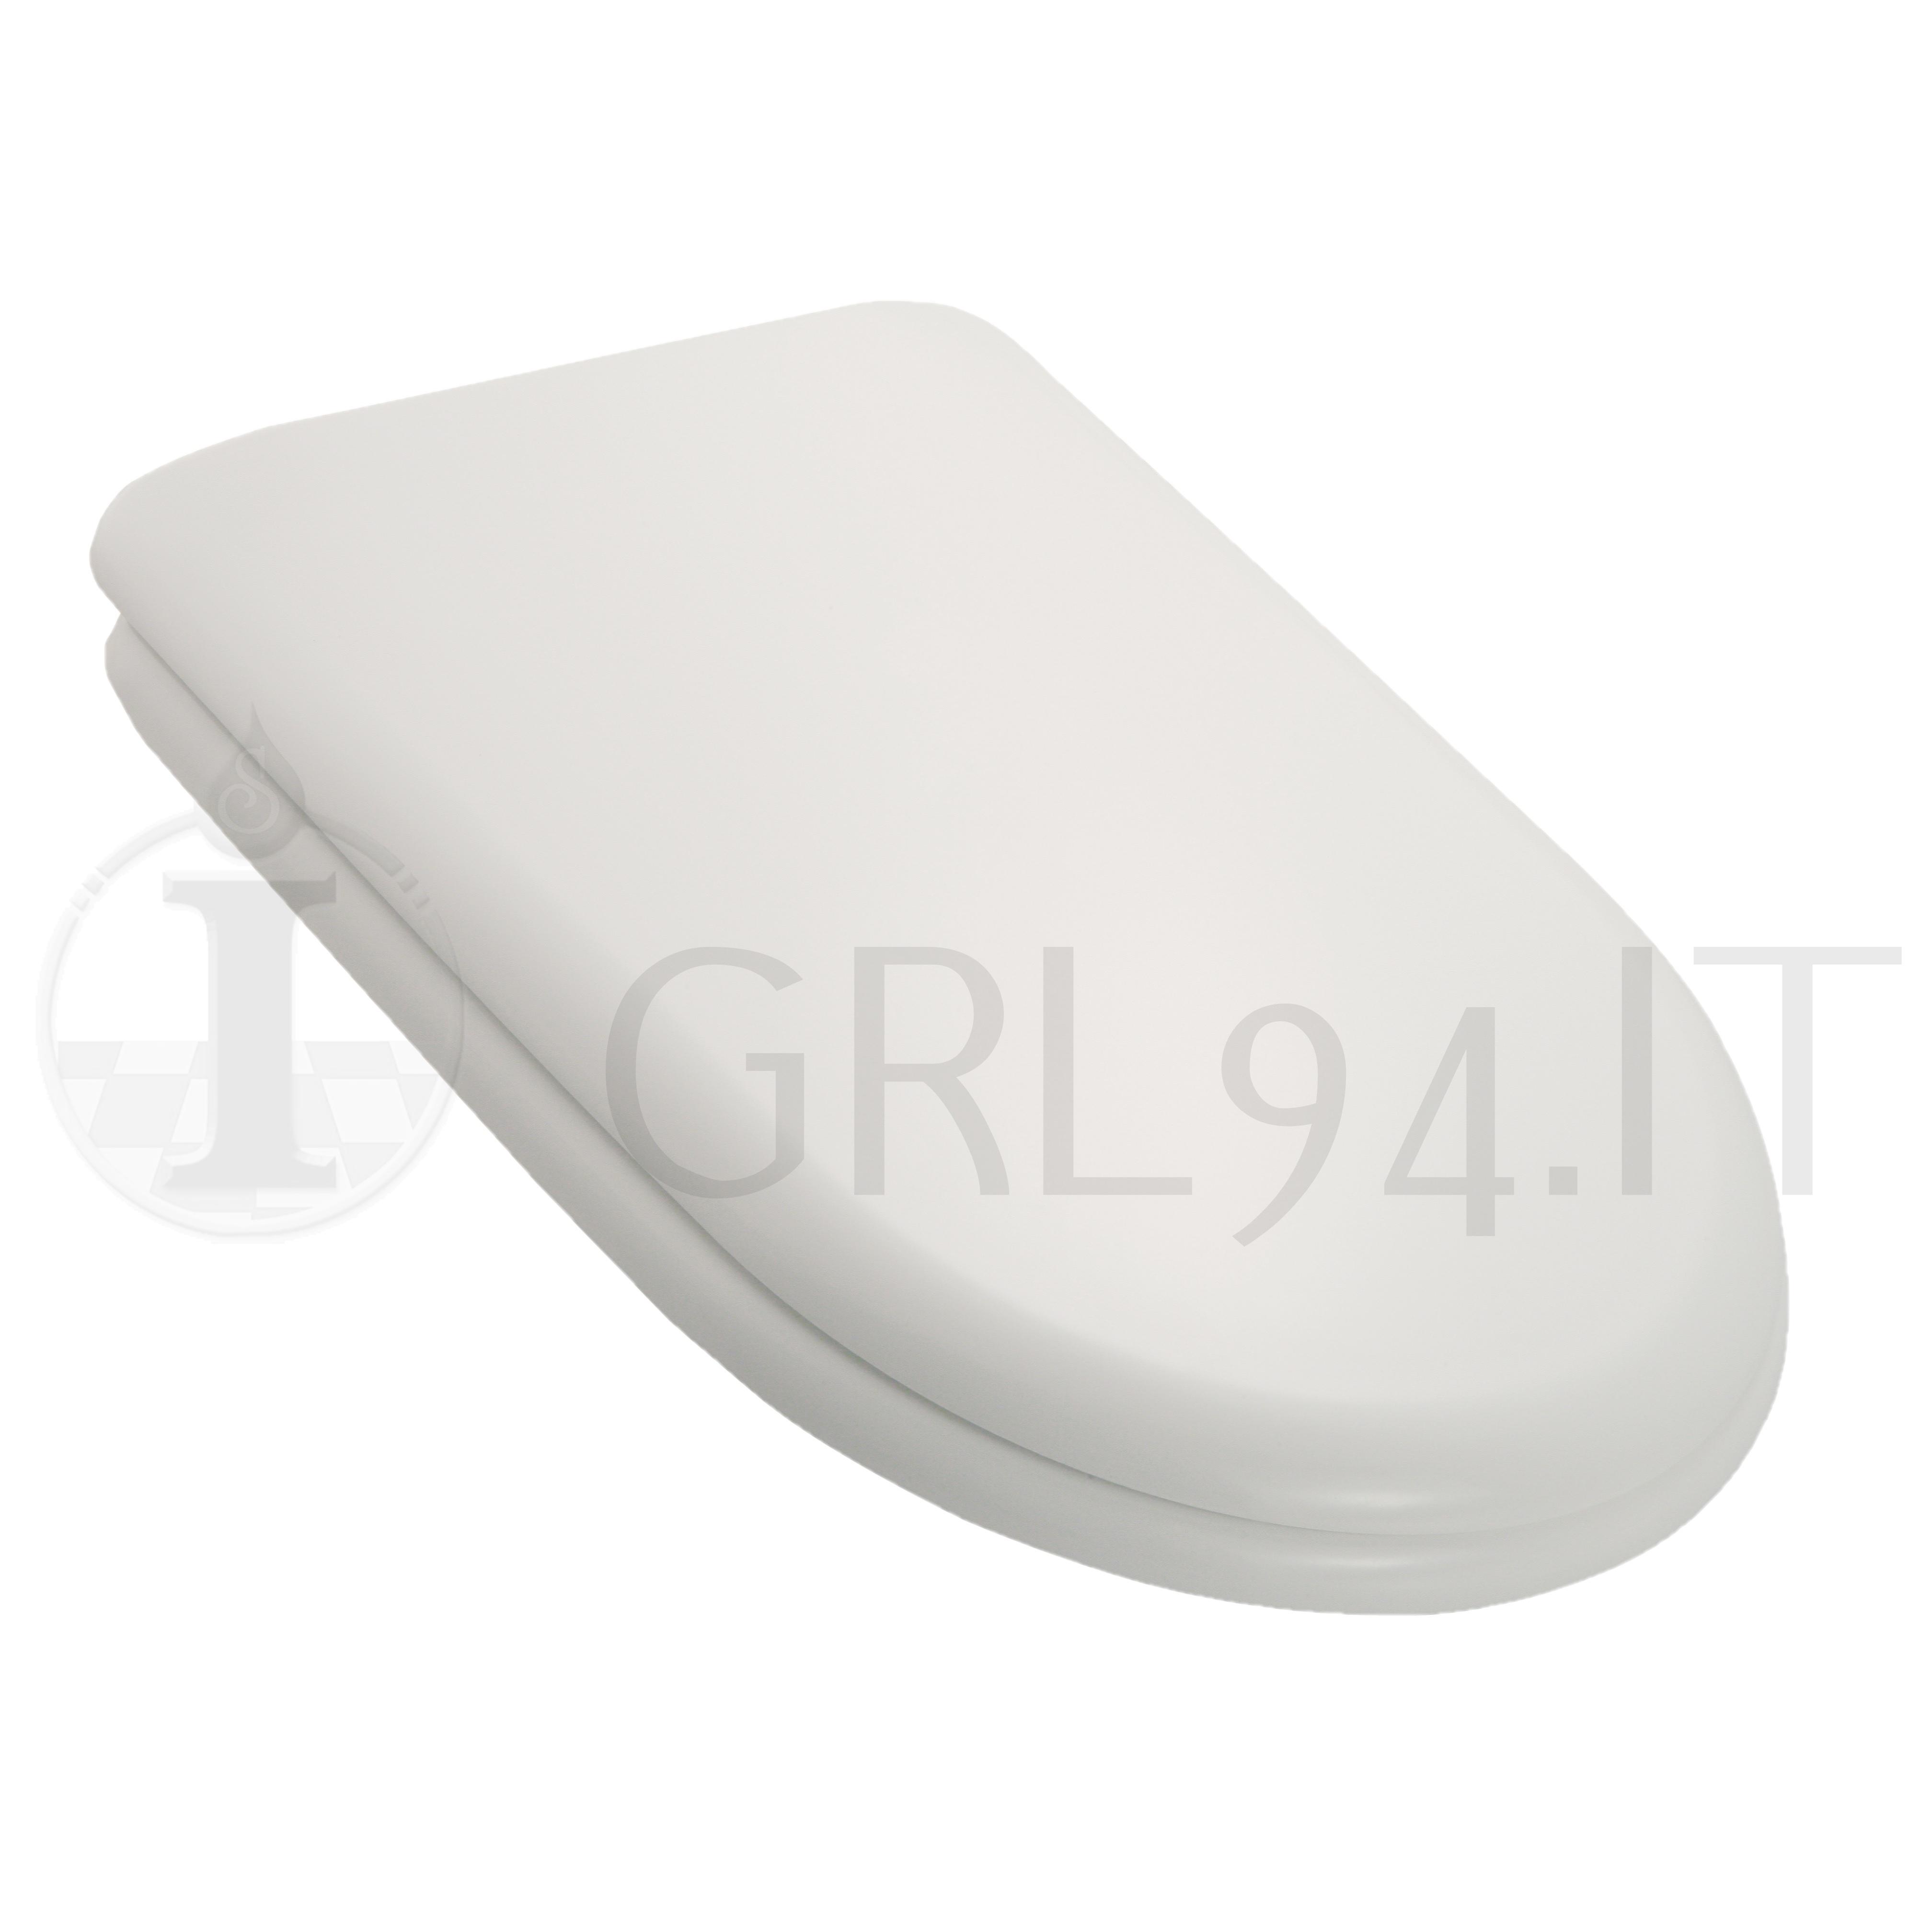 Sedile Copriwc Fiorile Ideal Standard Termoindurente Grl94 It